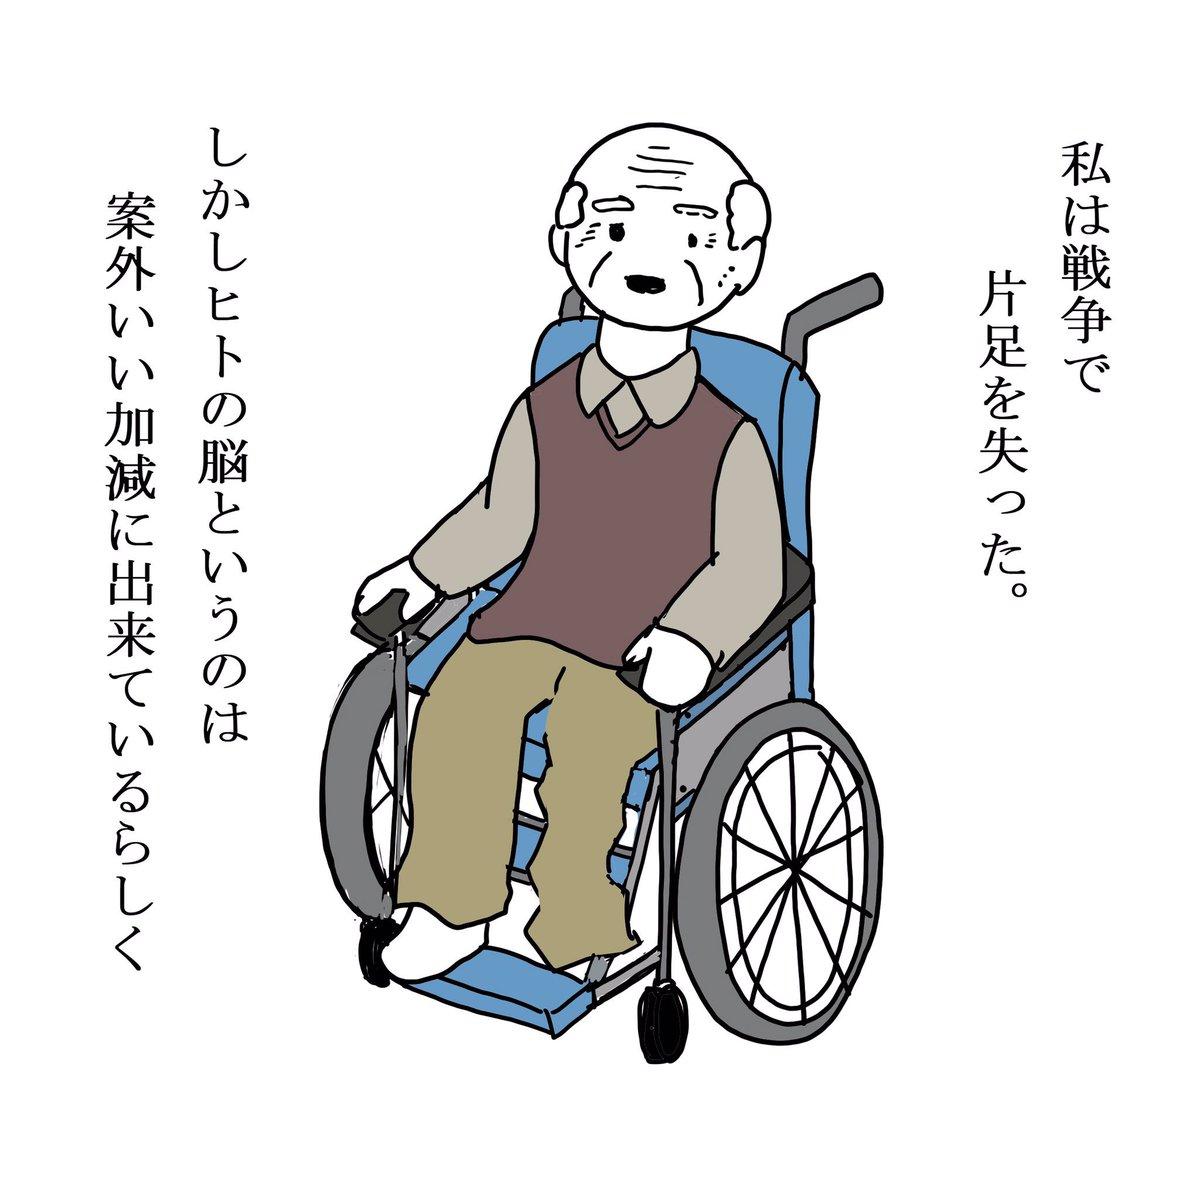 片足の老人。